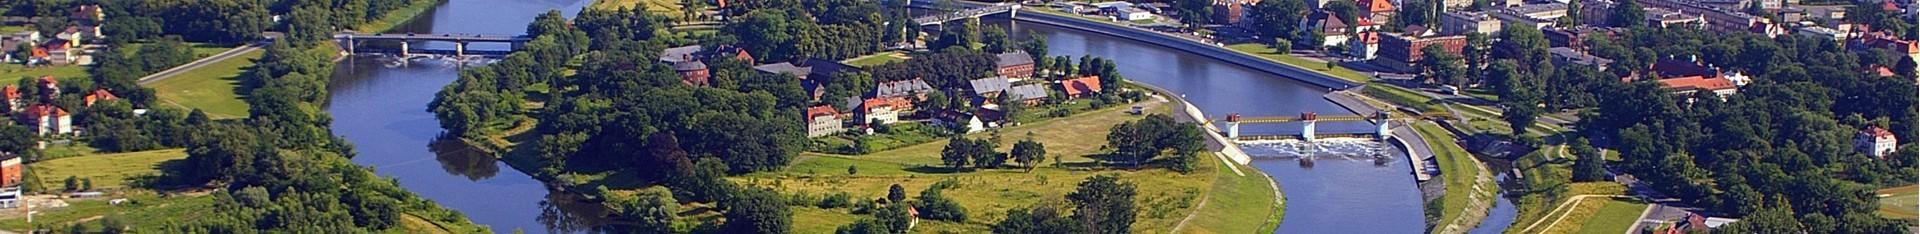 Widok na Kędzierzyn-Koźle z lotu ptaka